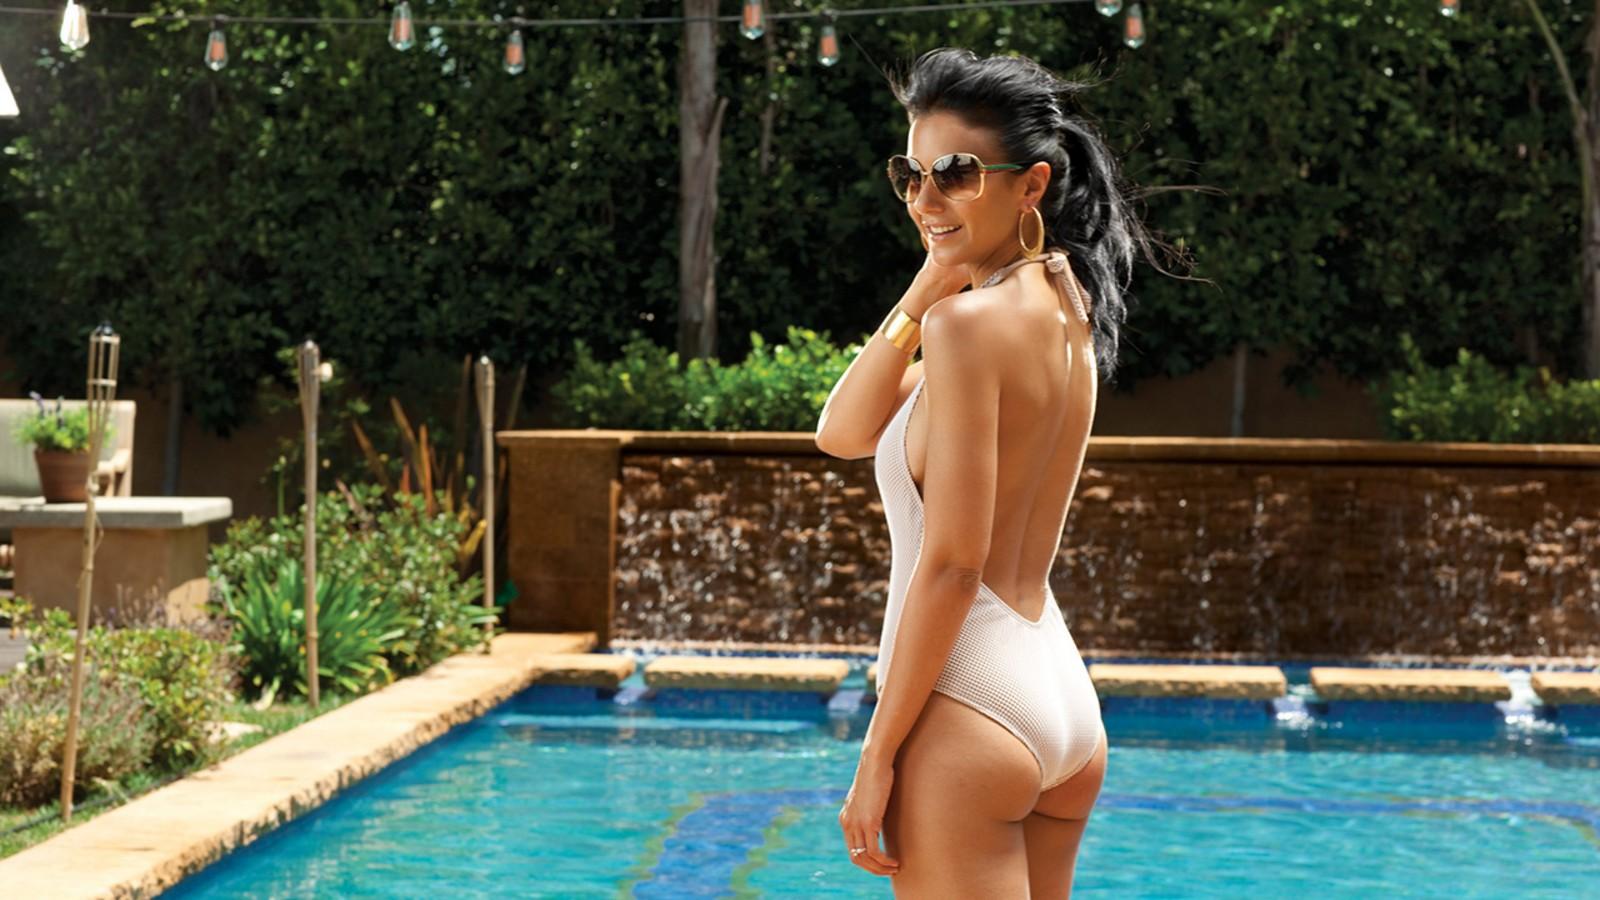 jolie nackt durch das pool